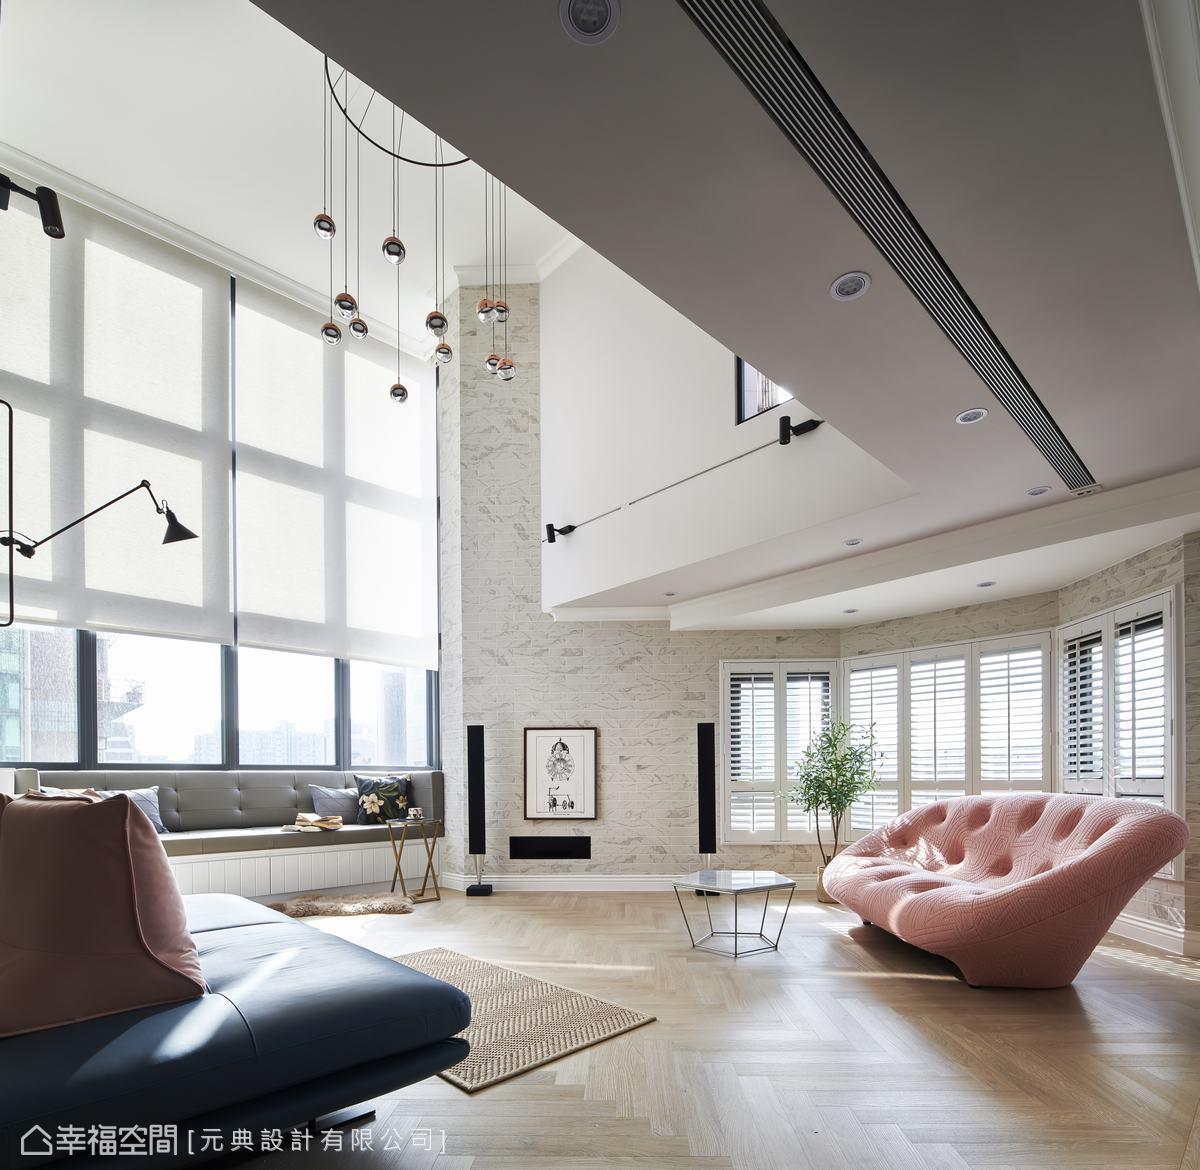 挑高的景觀窗配置電動捲簾,窗邊的結構畸零處做深臥榻,讓親子的活動空間更多元,窗台用人造石替代木作,也能避免日曬變形。